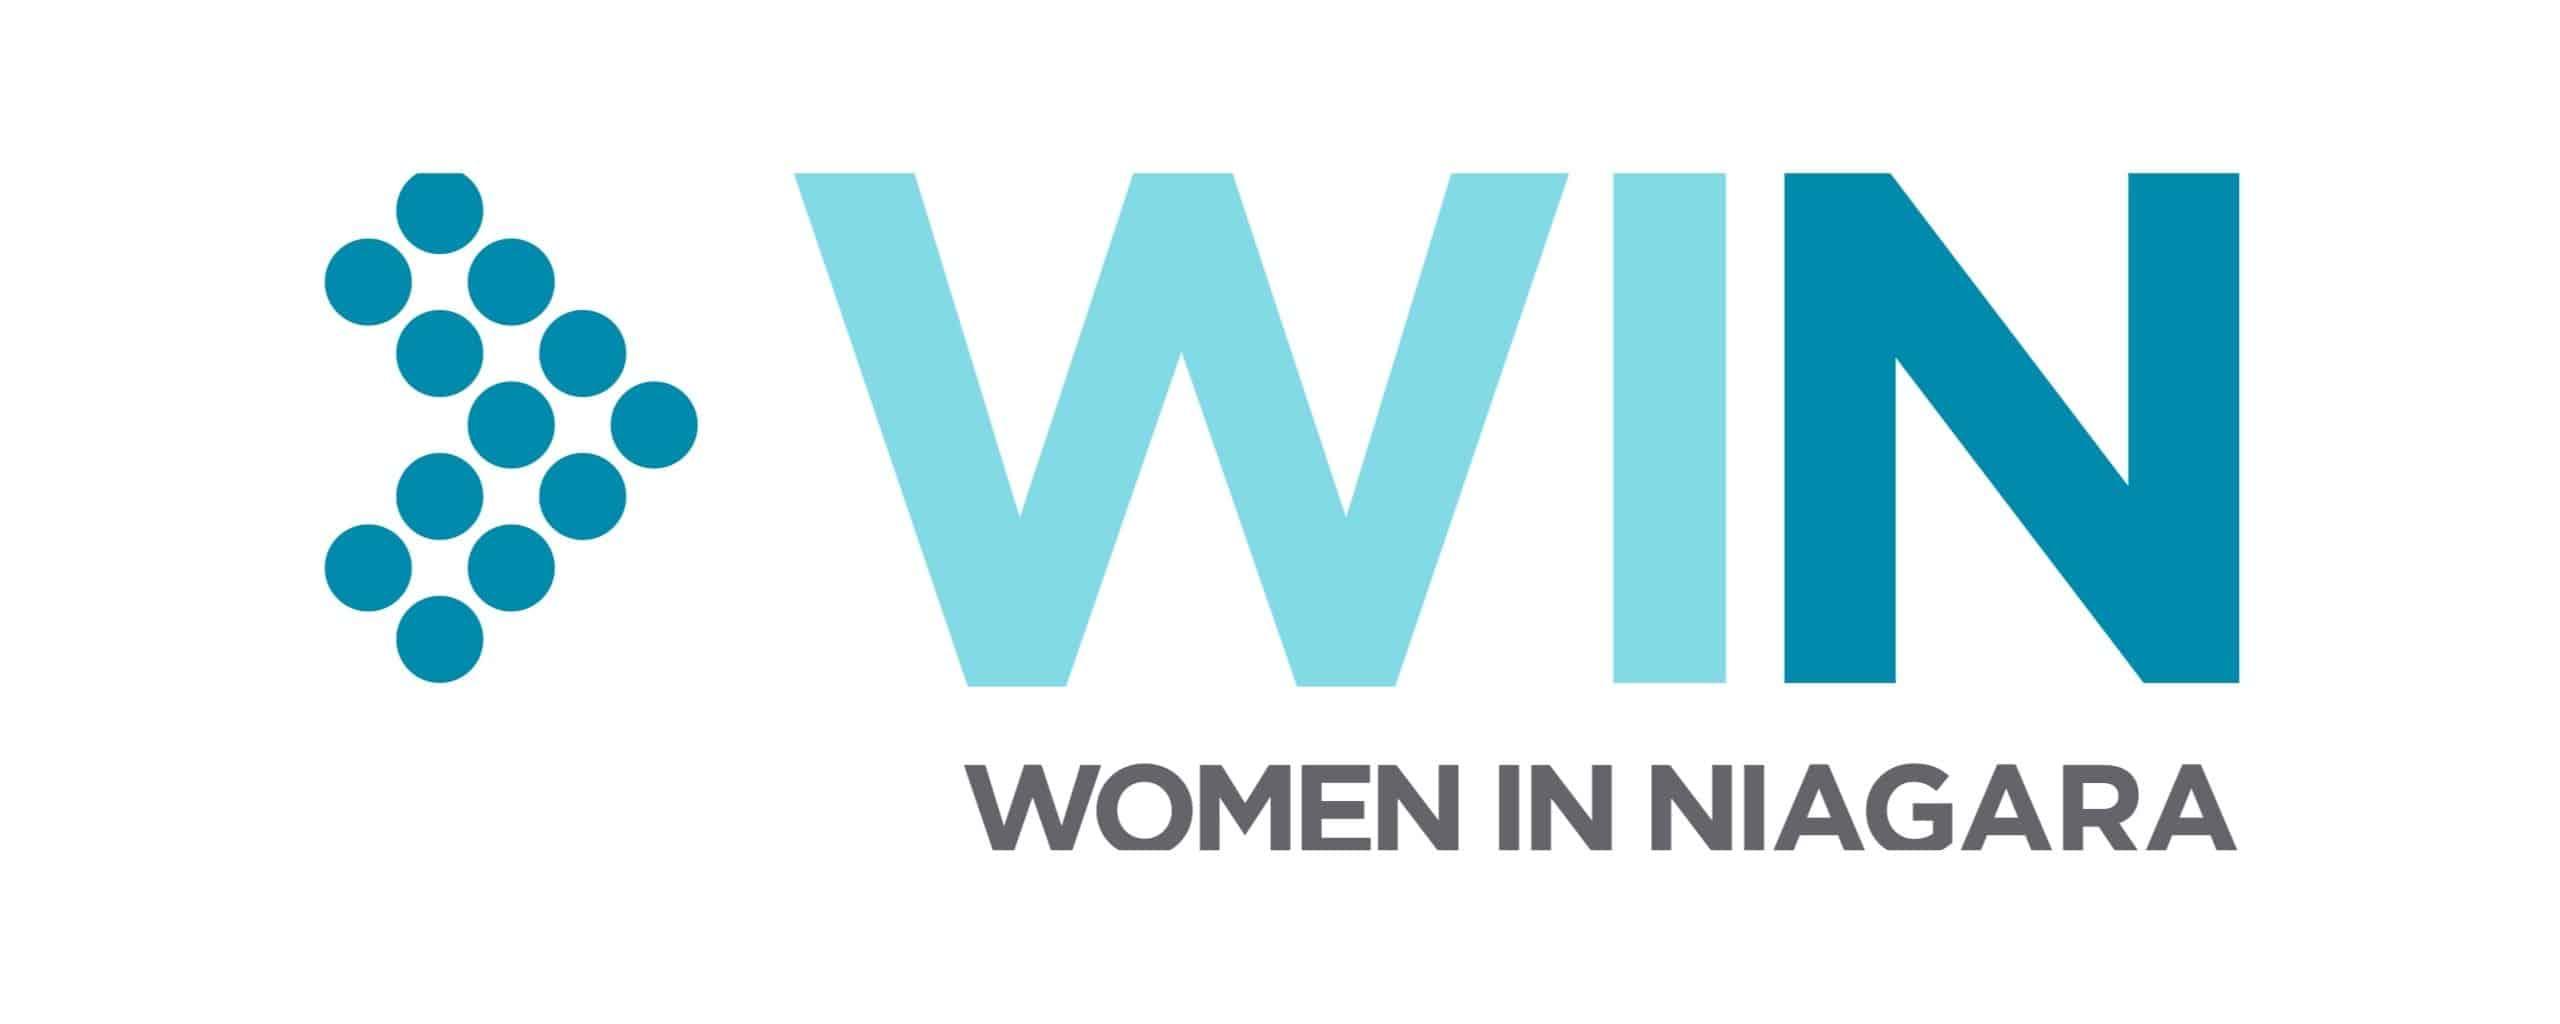 Greater Niagara Chamber of Commerce (GNCC) Women In Niagara (WIN) logo